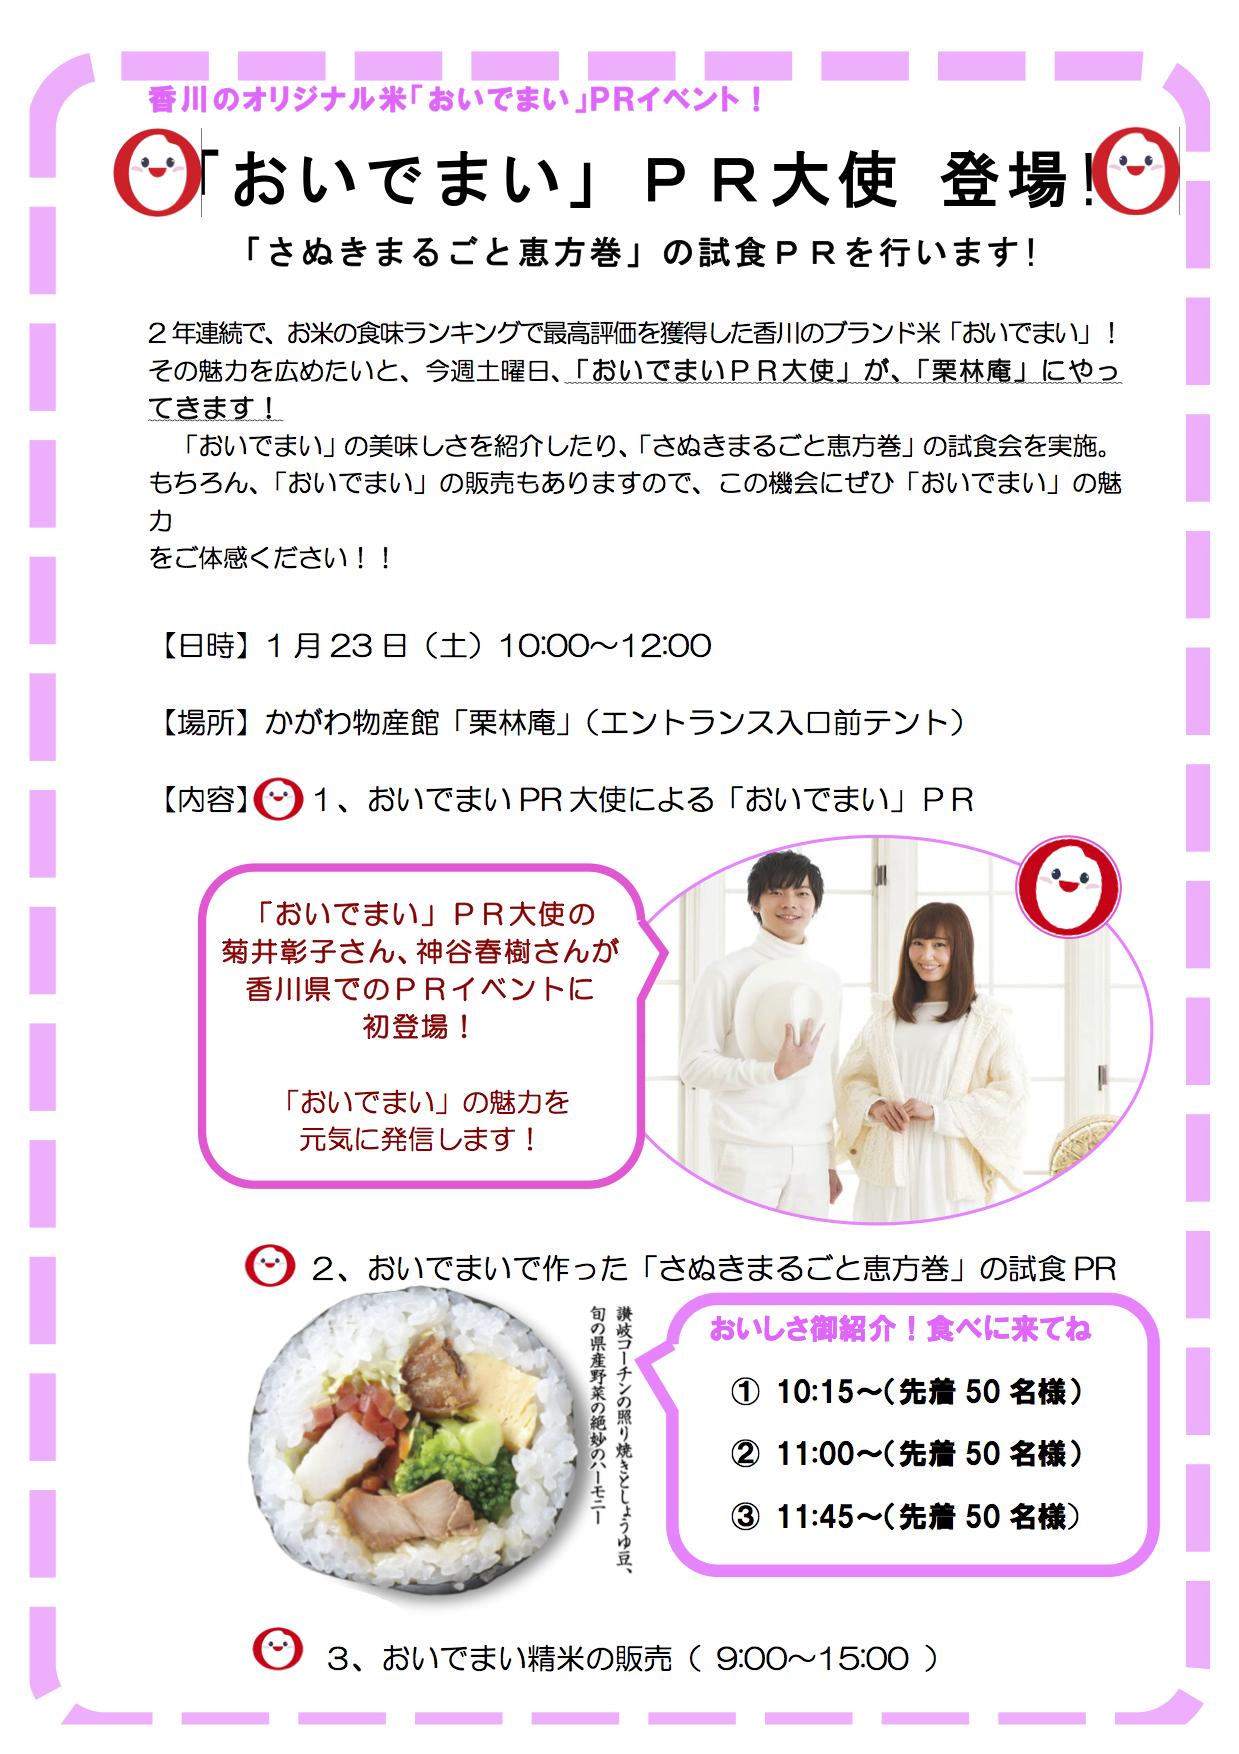 http://www.ritsurinan.jp/news/28.1.23%E3%80%80%E3%88%AB%E6%A0%97%E6%9E%97%E5%BA%B5%EF%BC%B0%EF%BC%AF%EF%BC%B0.jpg